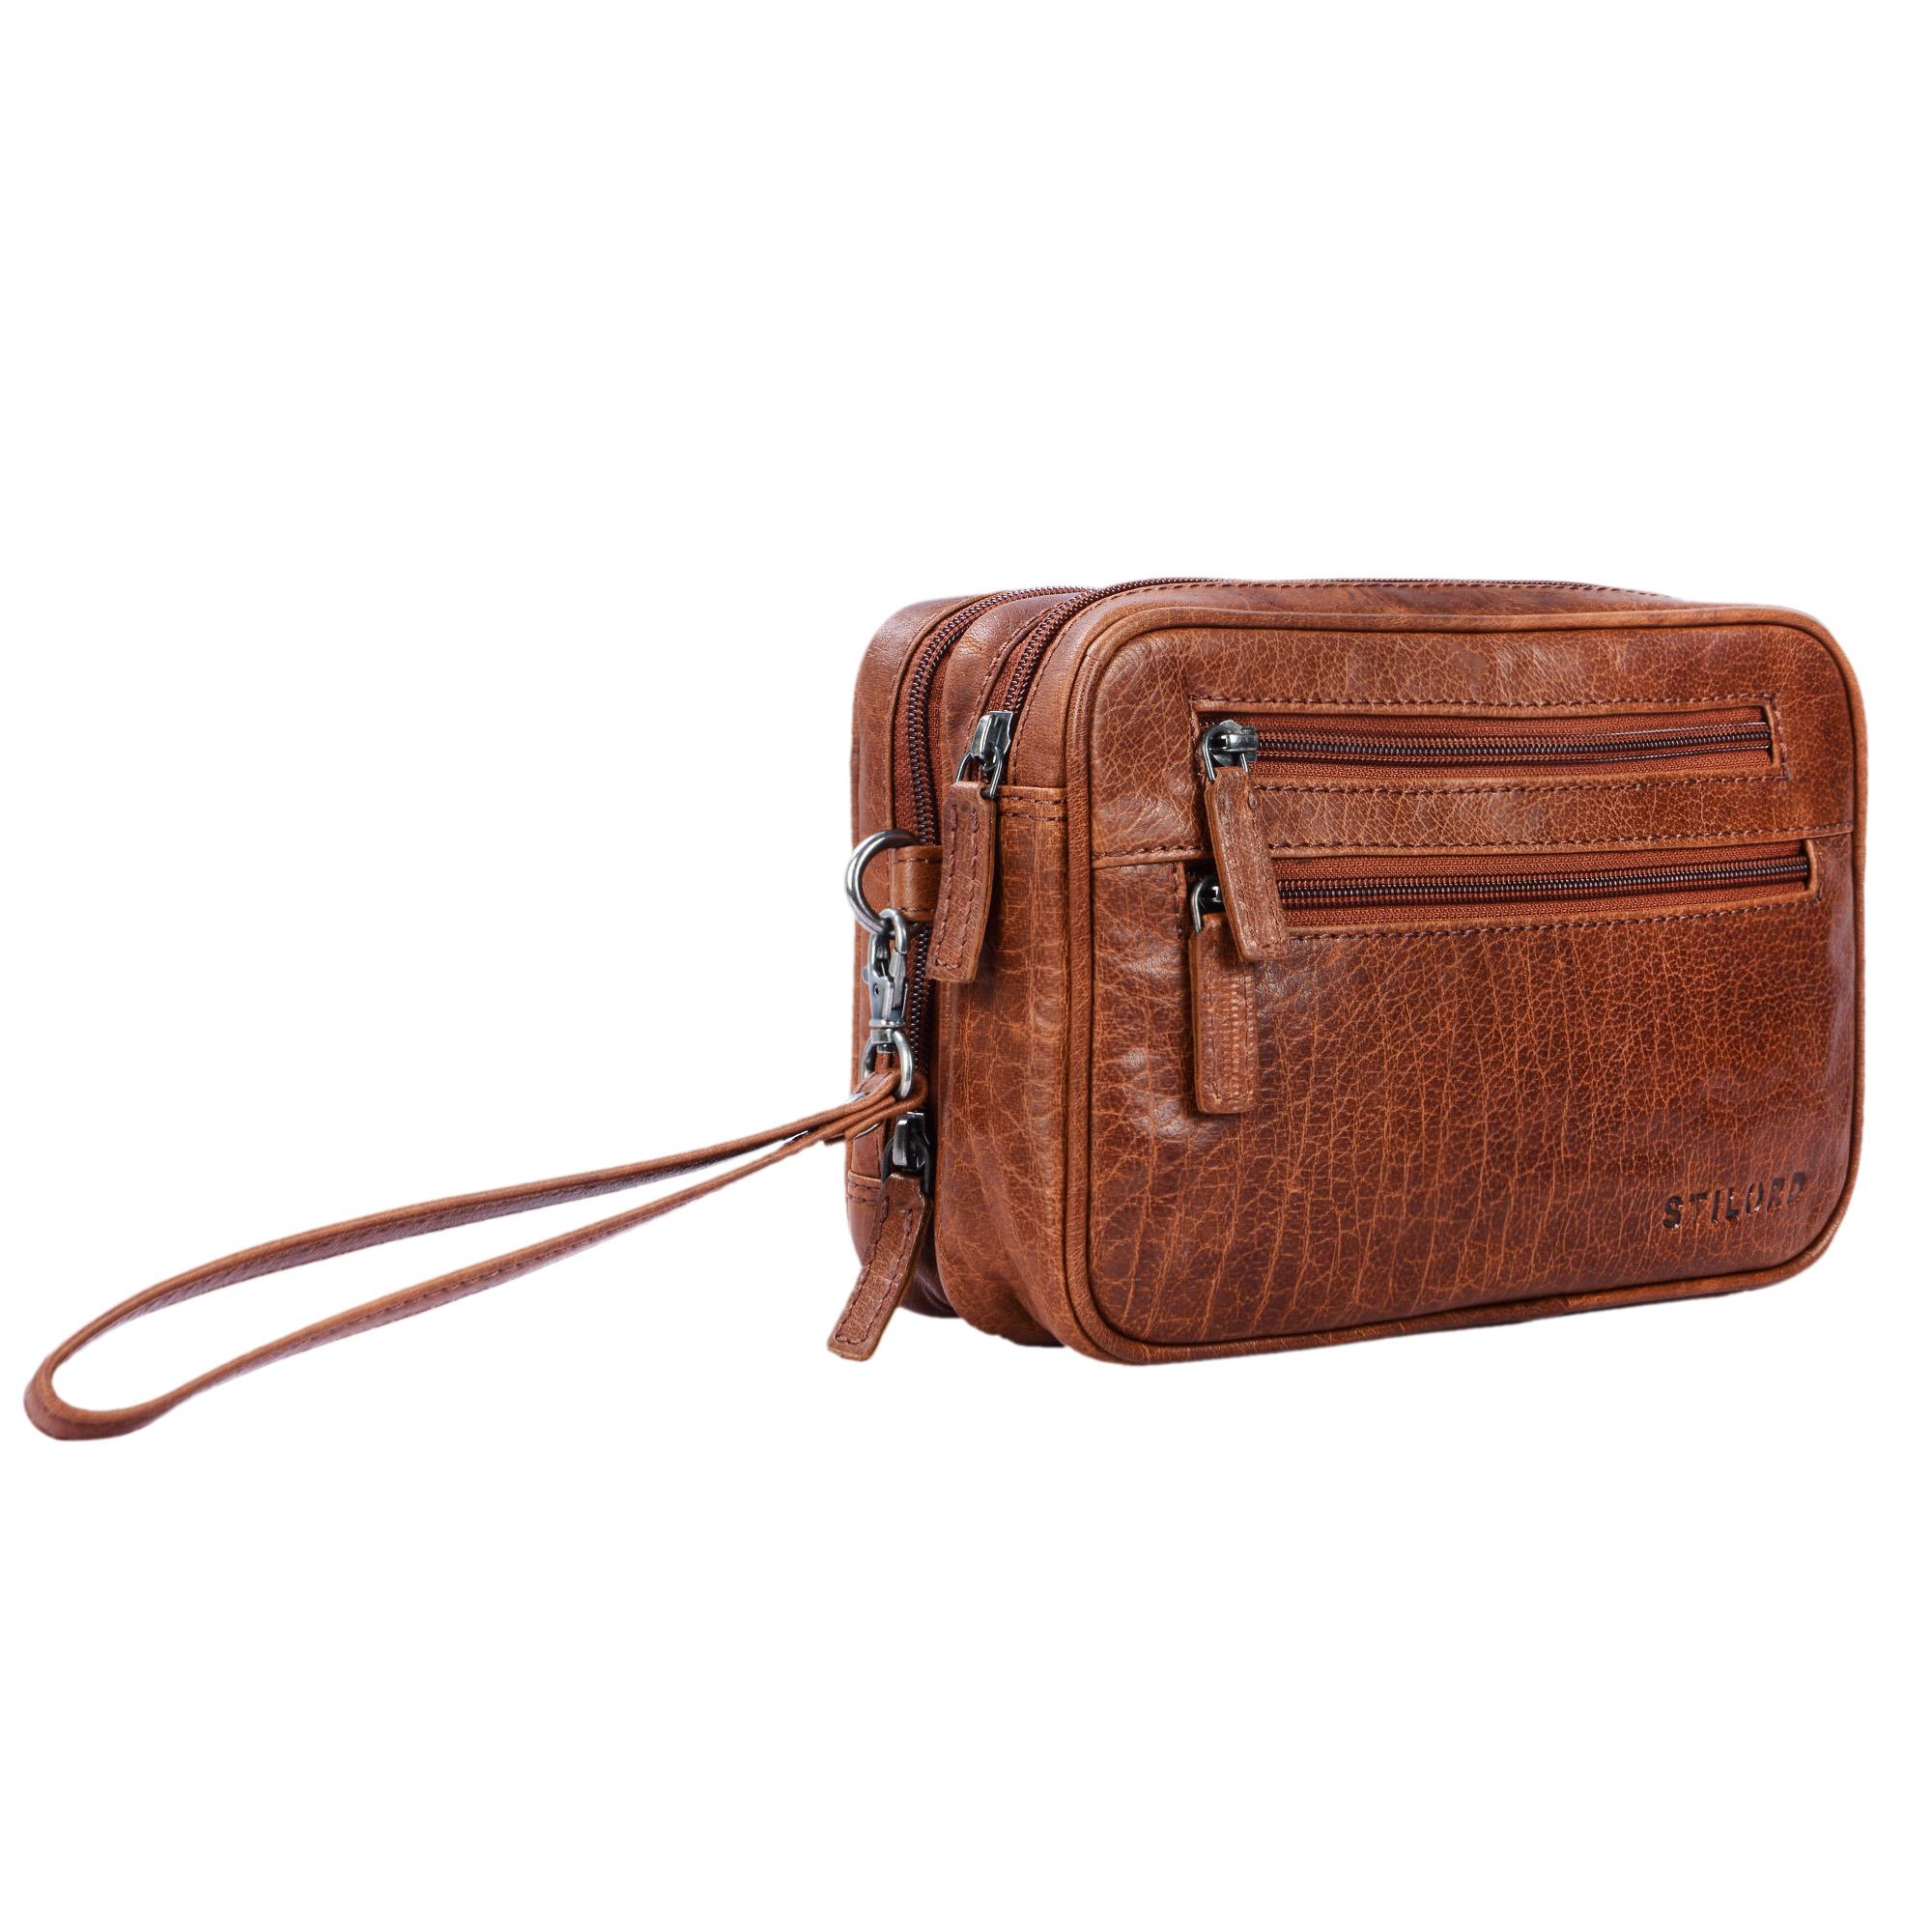 Vintage Lederhandtasche mit Doppelkammer